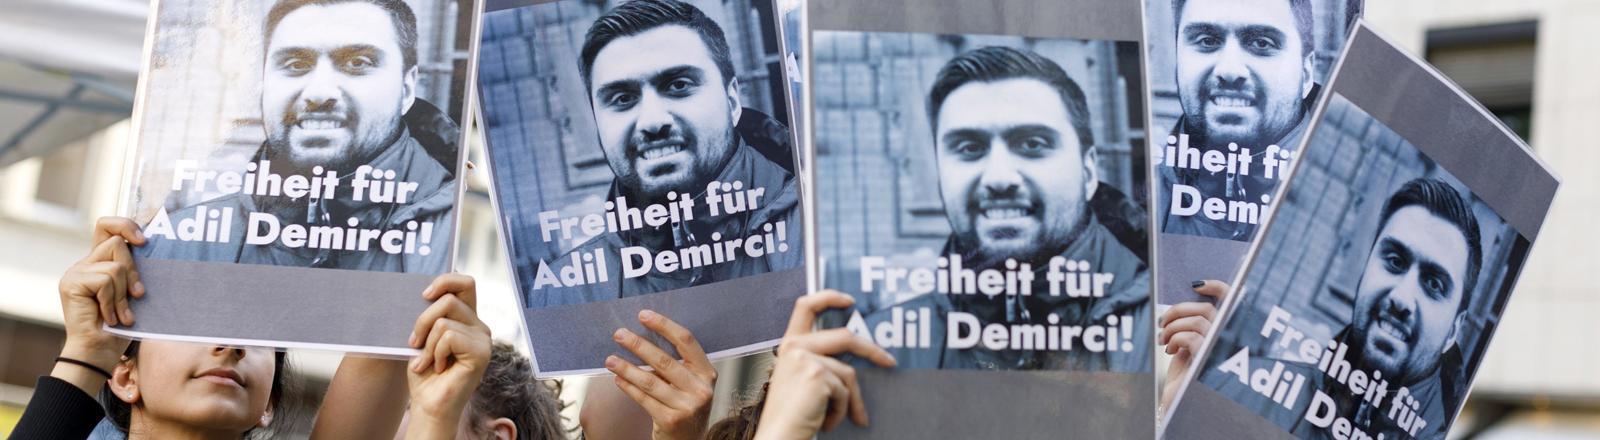 Plakate: Freilassung für Adil Demirci